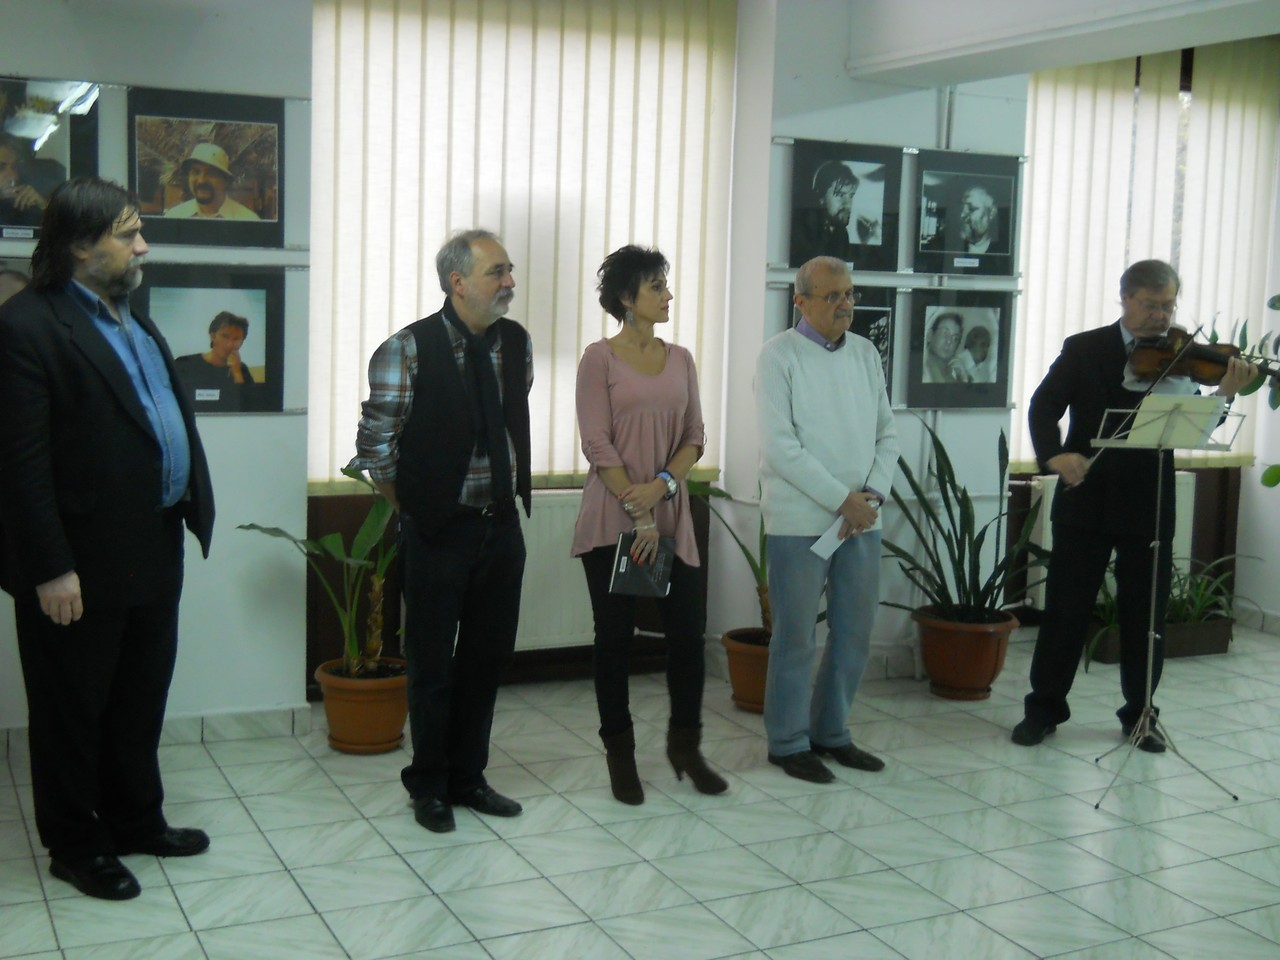 Kocsia Csaba berettyóújfalui fotós Magyar írók portré Kiállítása a Nagyváradi Euro Foto Art Galériában 2013 november 16-án